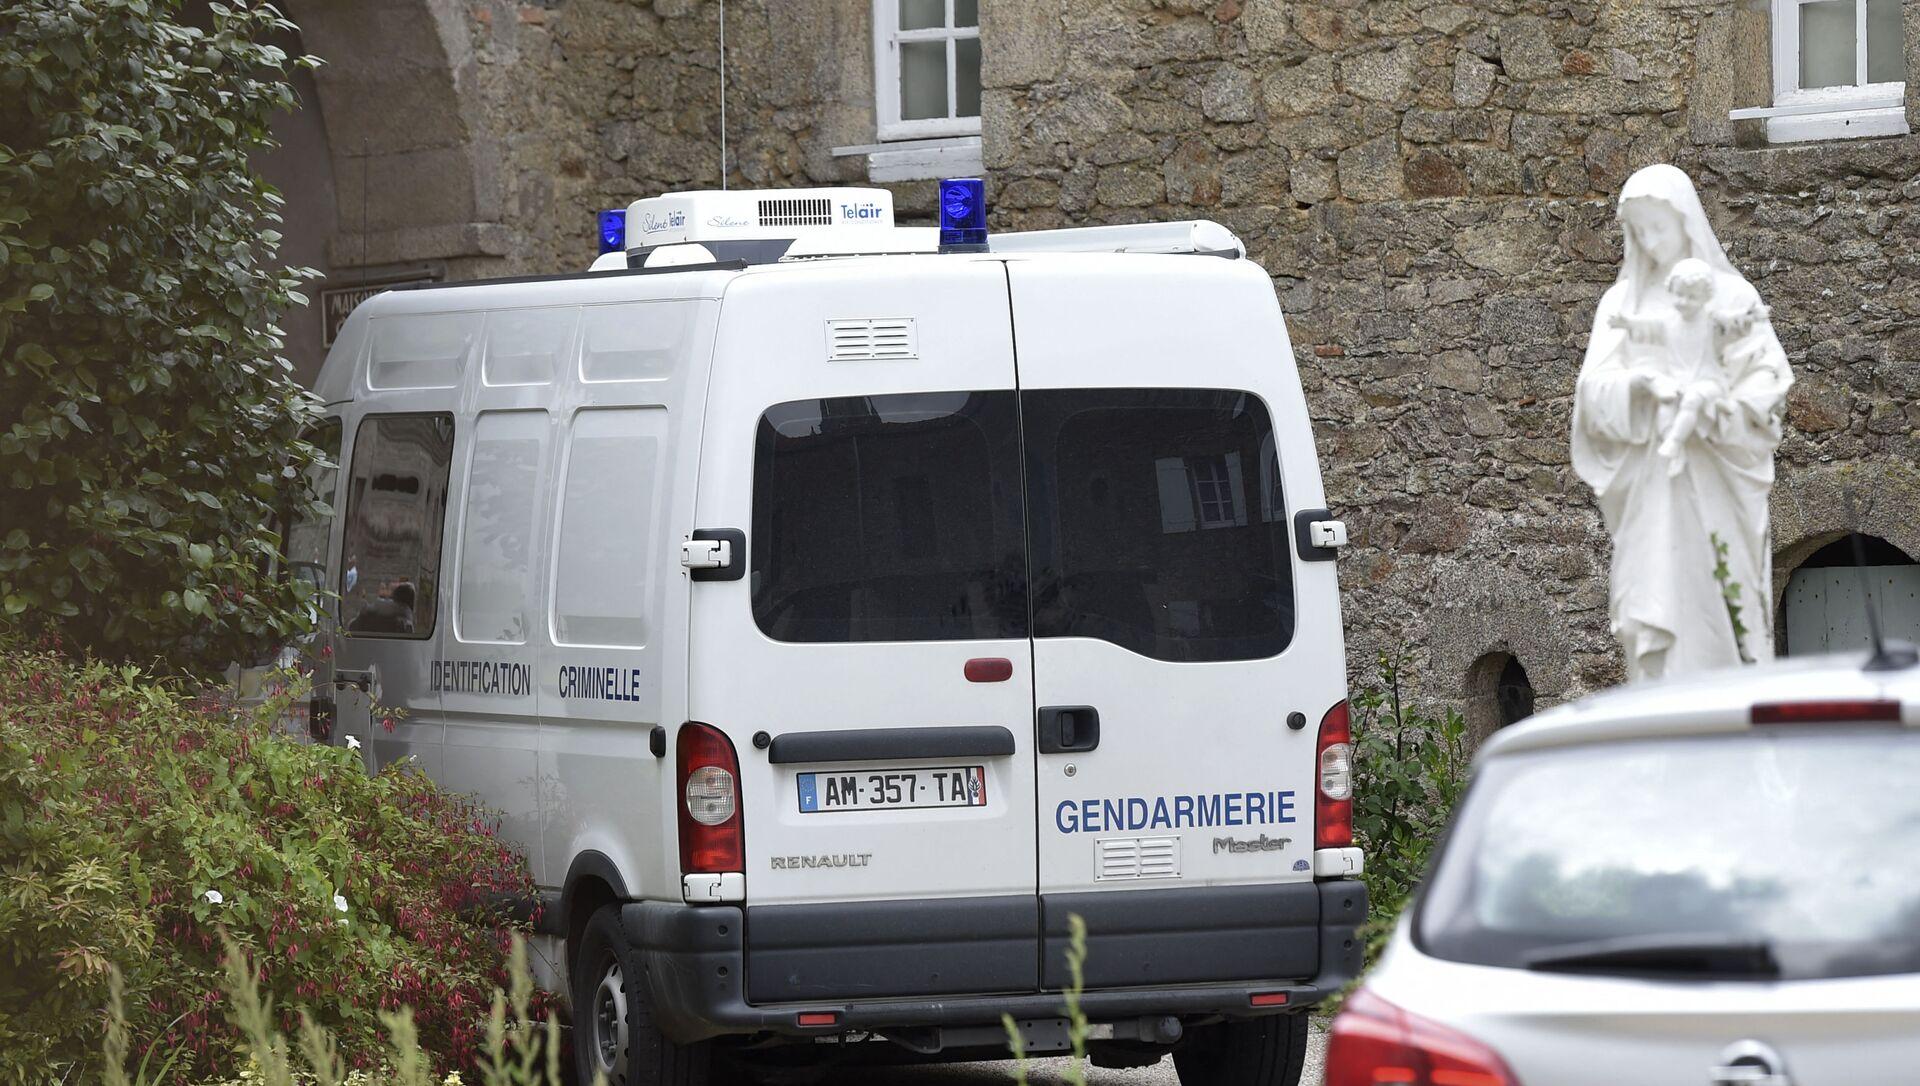 Saint-Laurent-sur-Sevre, l'investigation en cours sur le lieu d'assassinat d'un prêtre catholique - Sputnik France, 1920, 13.08.2021